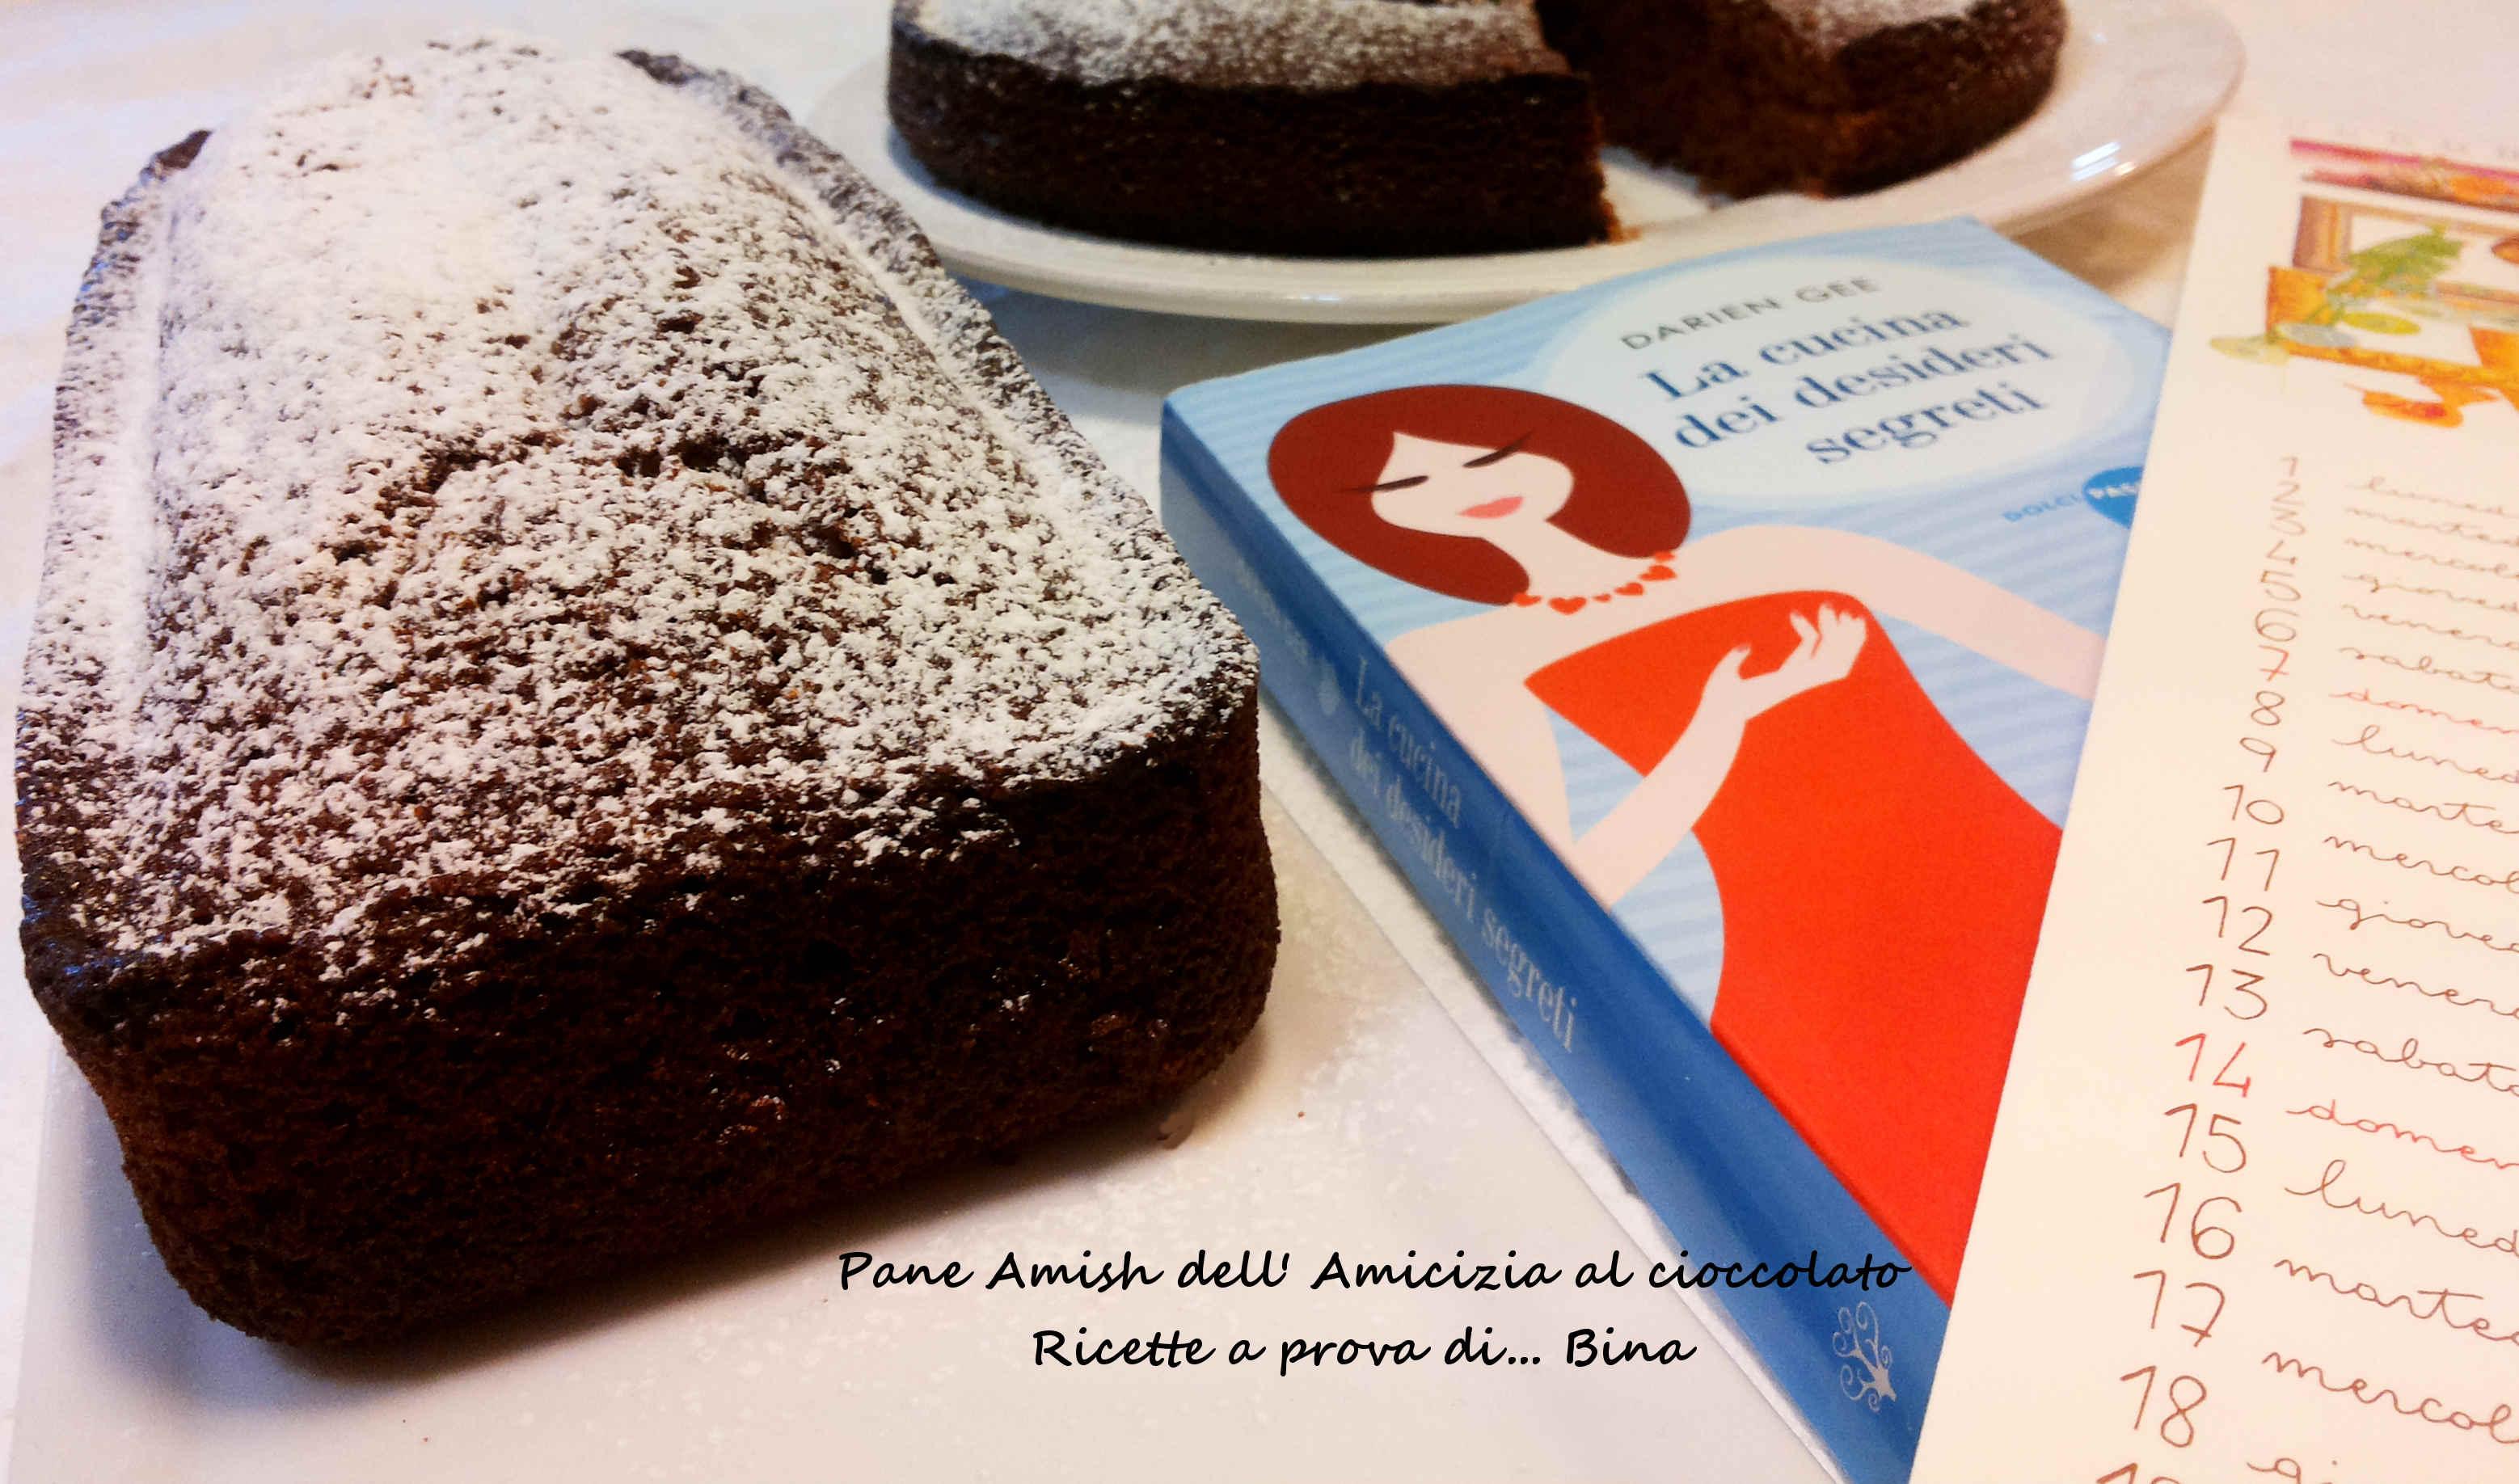 Pane Amish dell'Amicizia al cioccolato